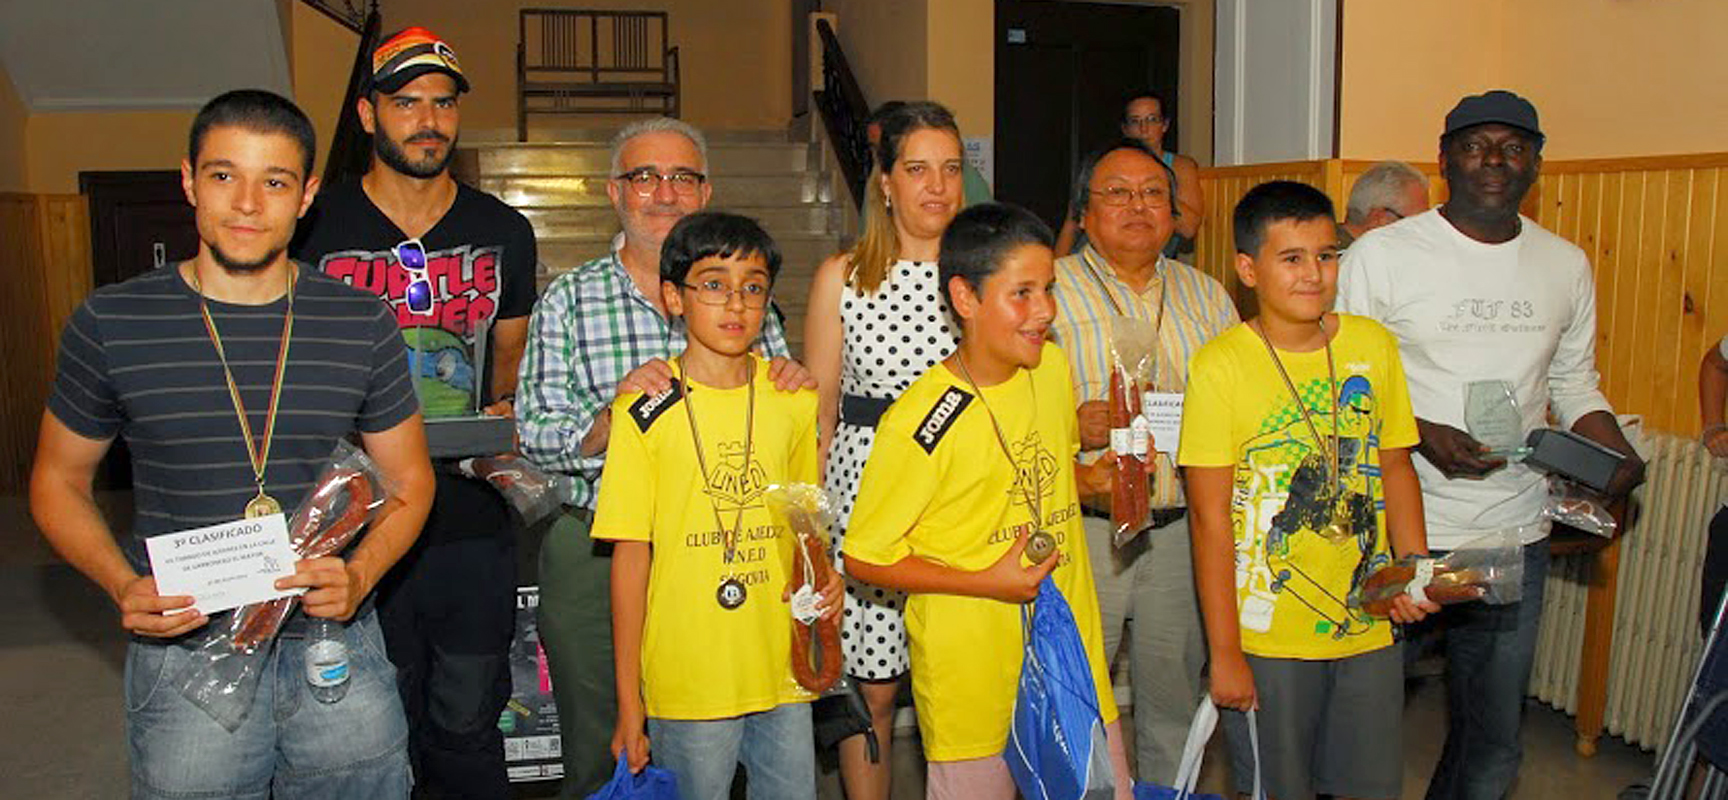 Ganadores de las diferentes categorías junto a la alcaldesa de Carbonero el Mayor.